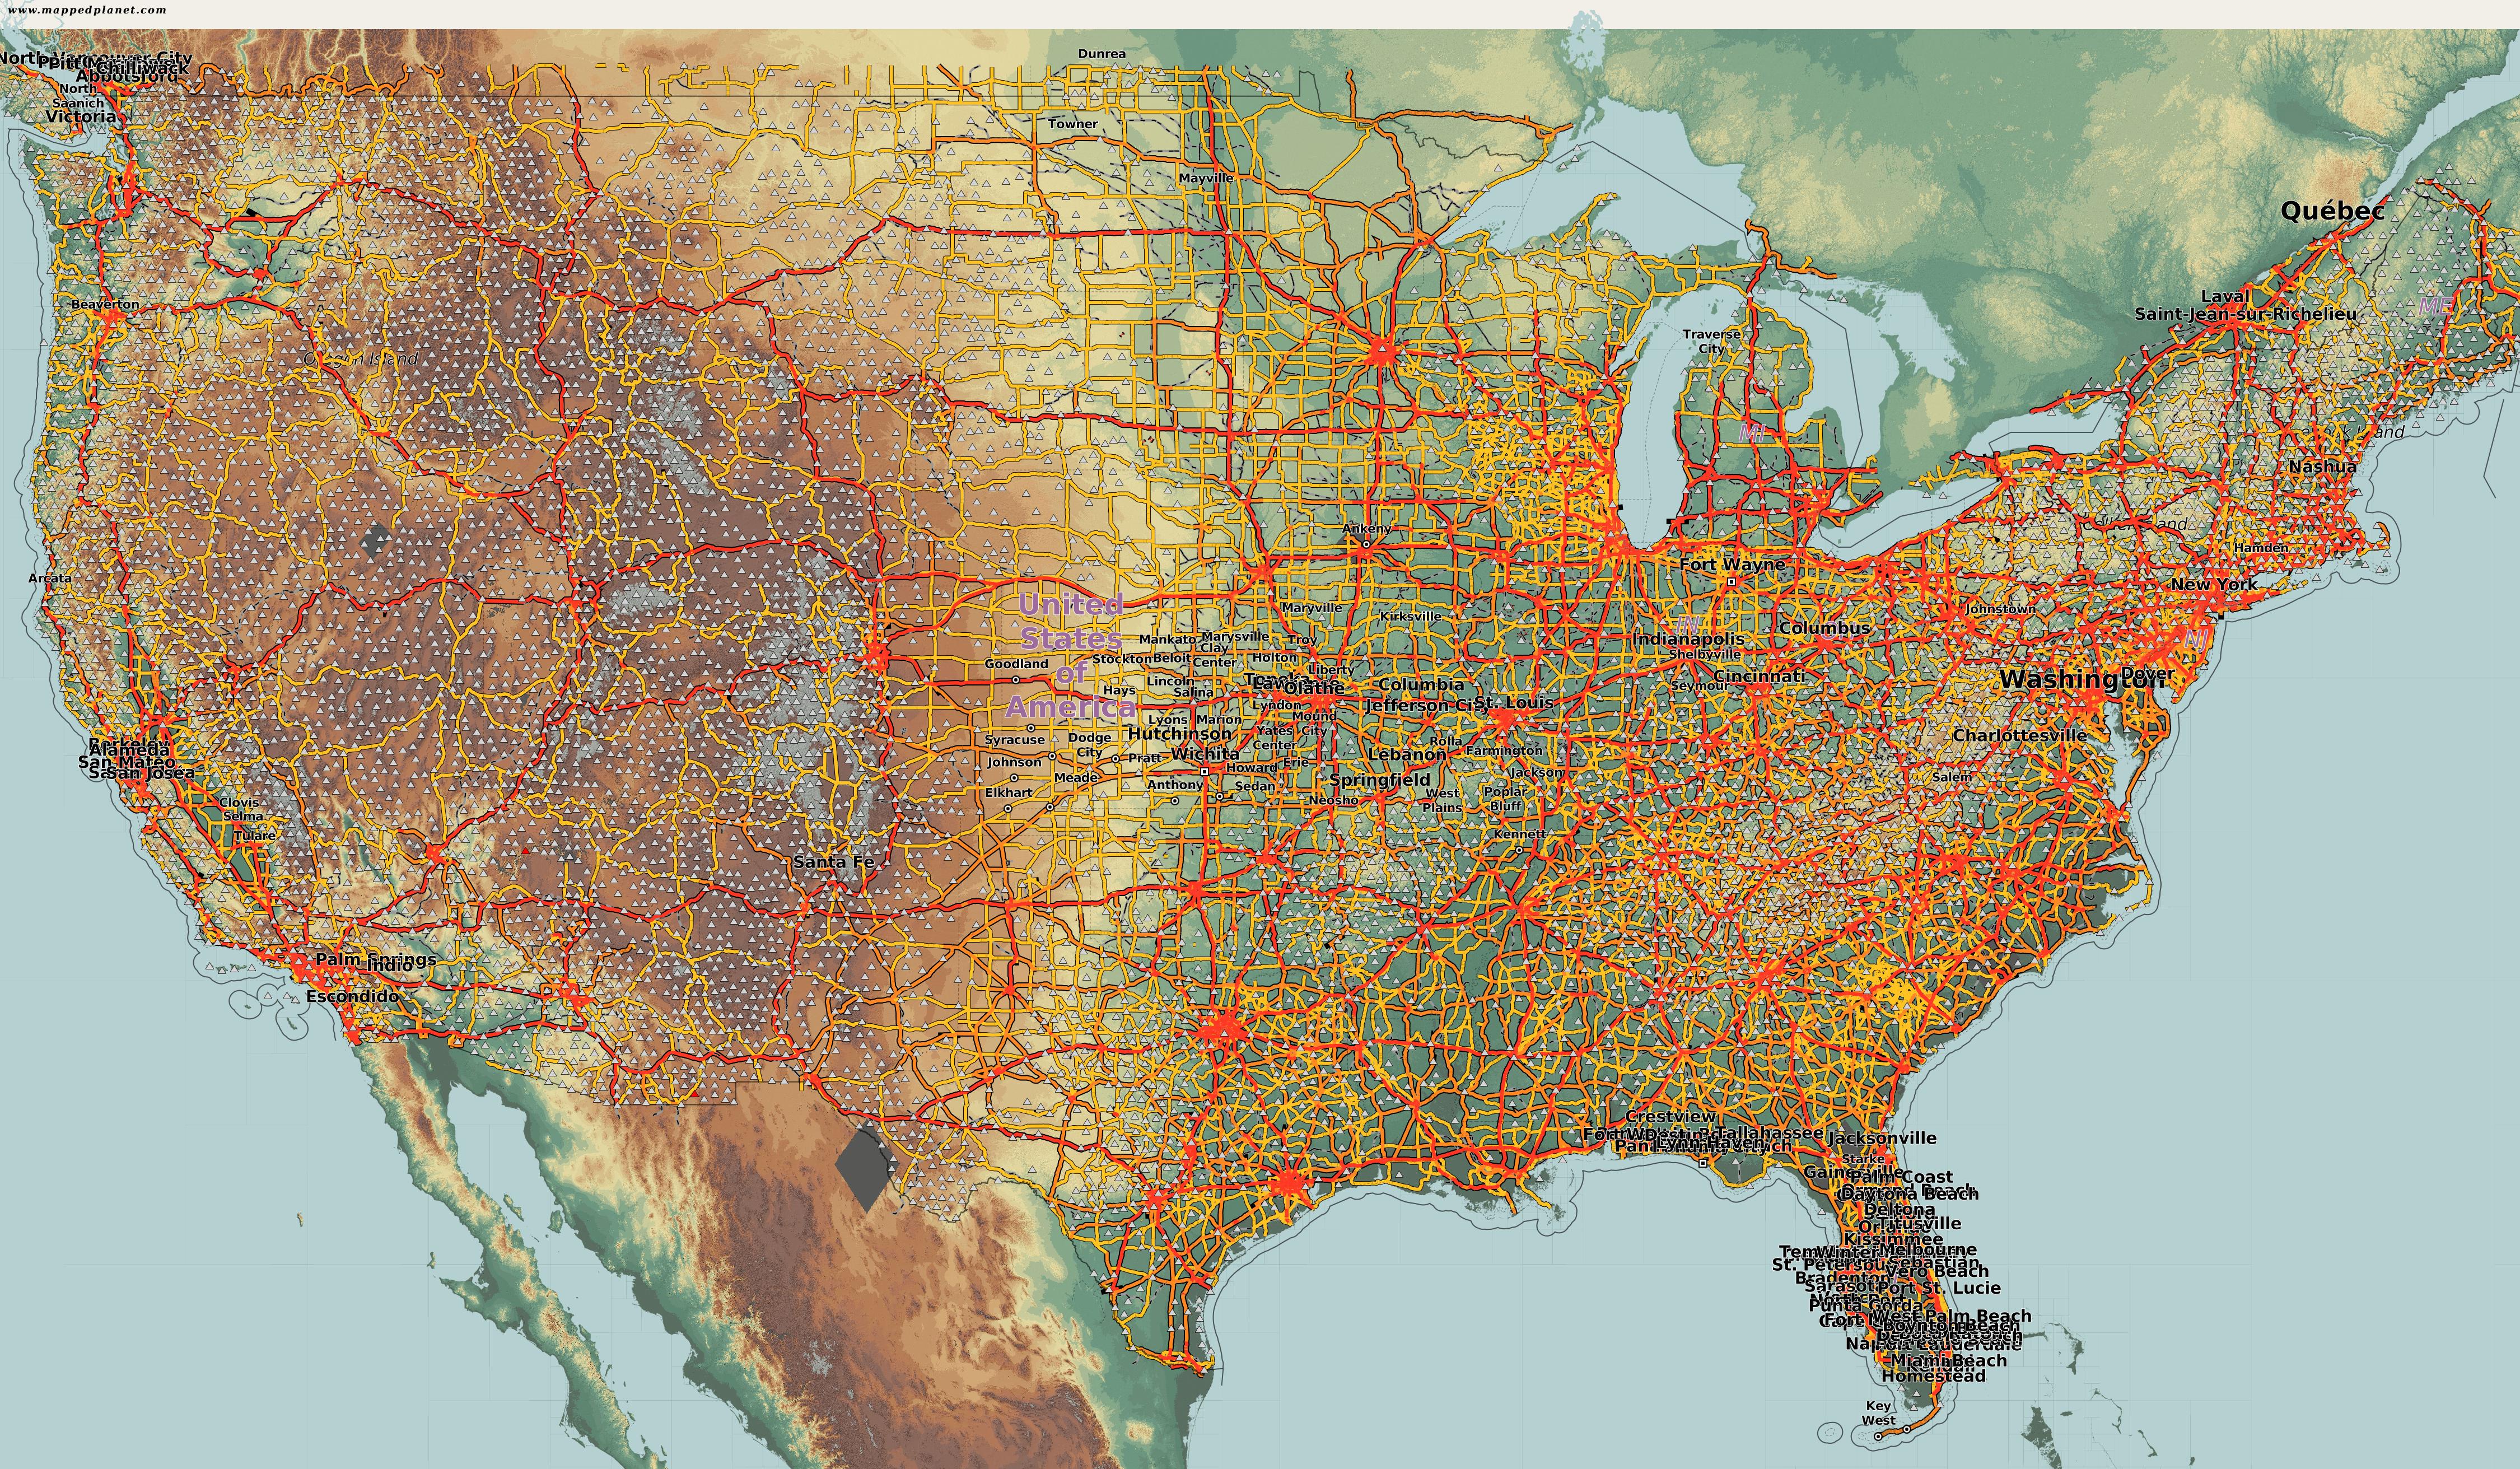 Karte Usa.Karten Und Stadtplane Usa